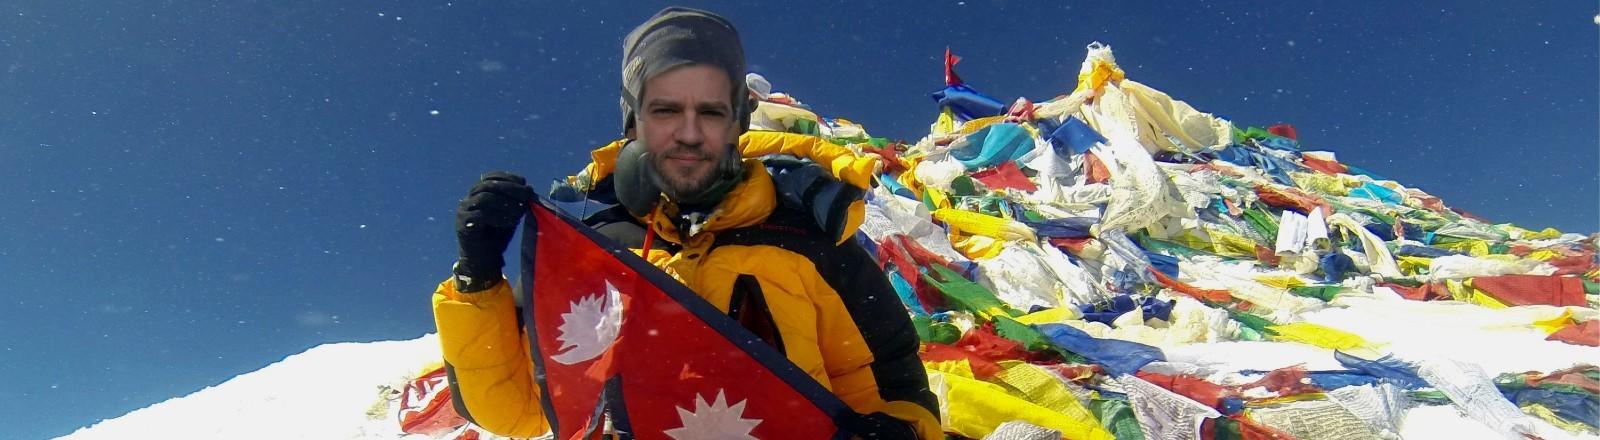 Ein Bild vom Gipfel des Mount Everest mit einem hineinretuschierten Gesicht